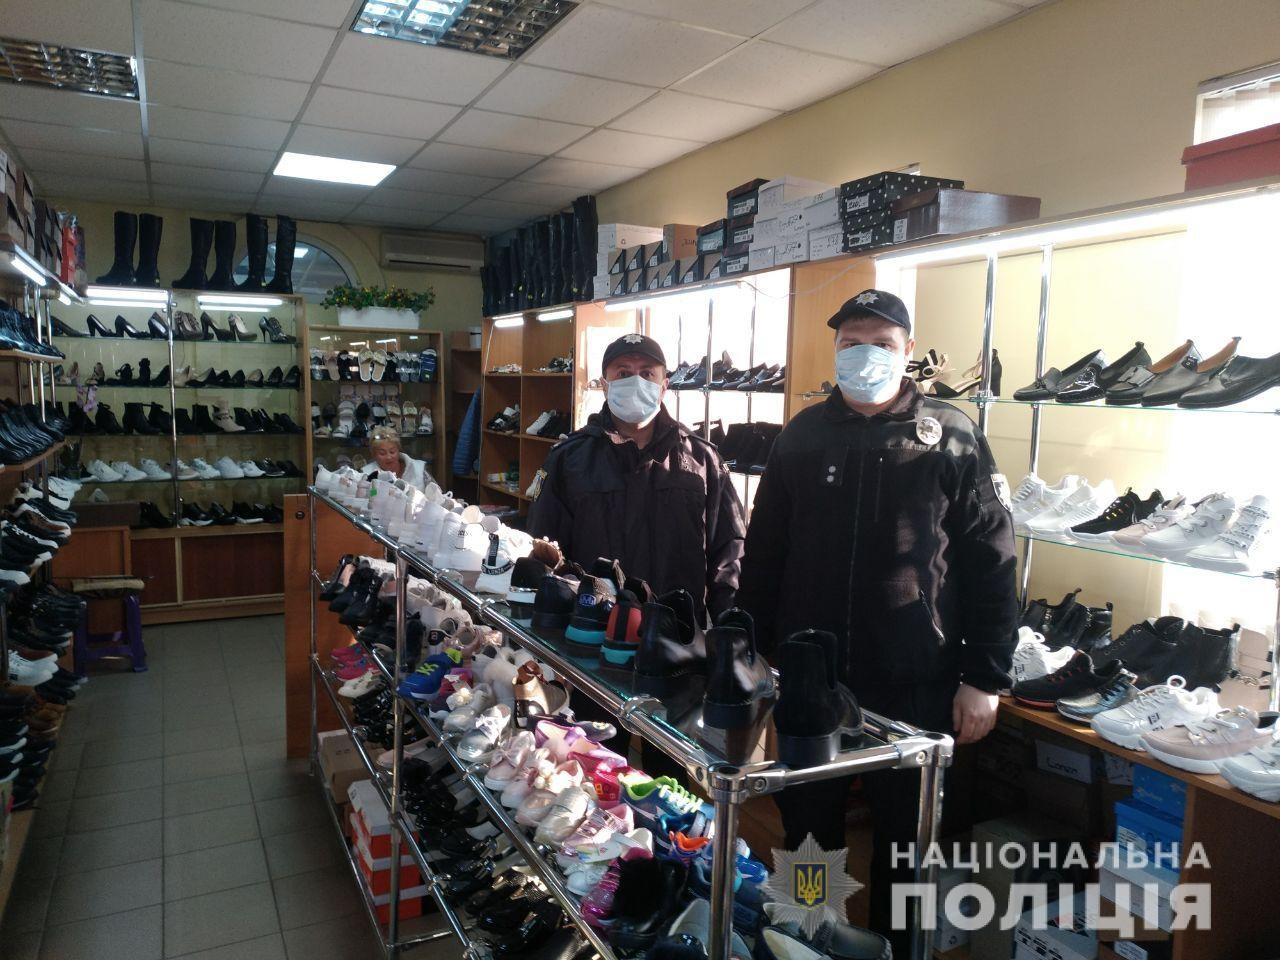 На Київщині порушують карантин: за добу поліція склала 29 адмінпротоколів - порушення карантину, поліція Київщини - 2 3